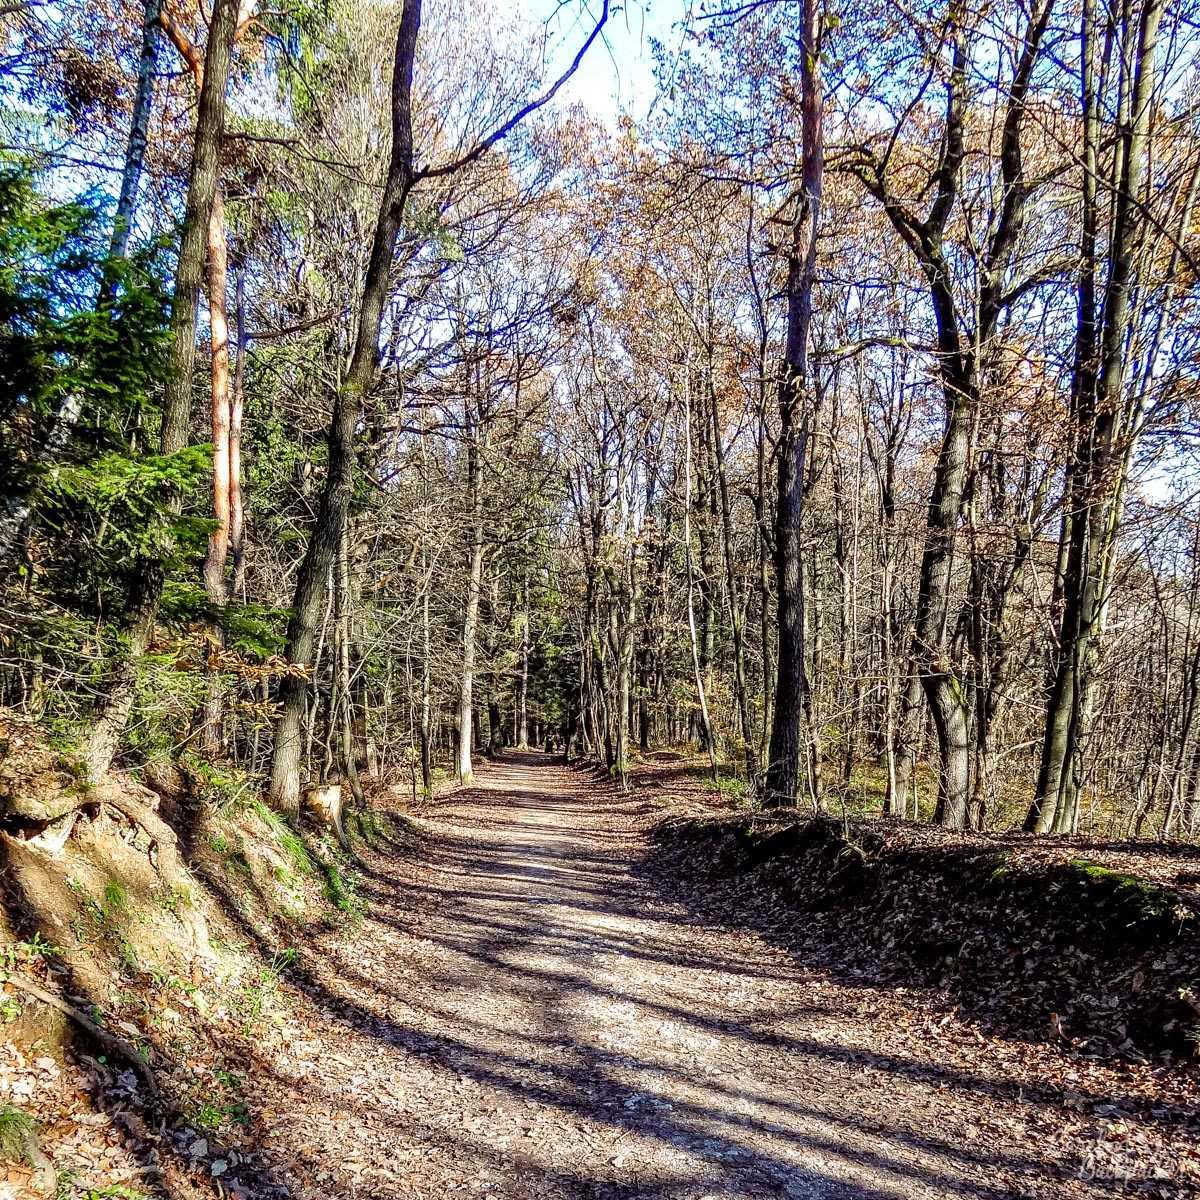 Forest path in Tivoli, Ljubljana